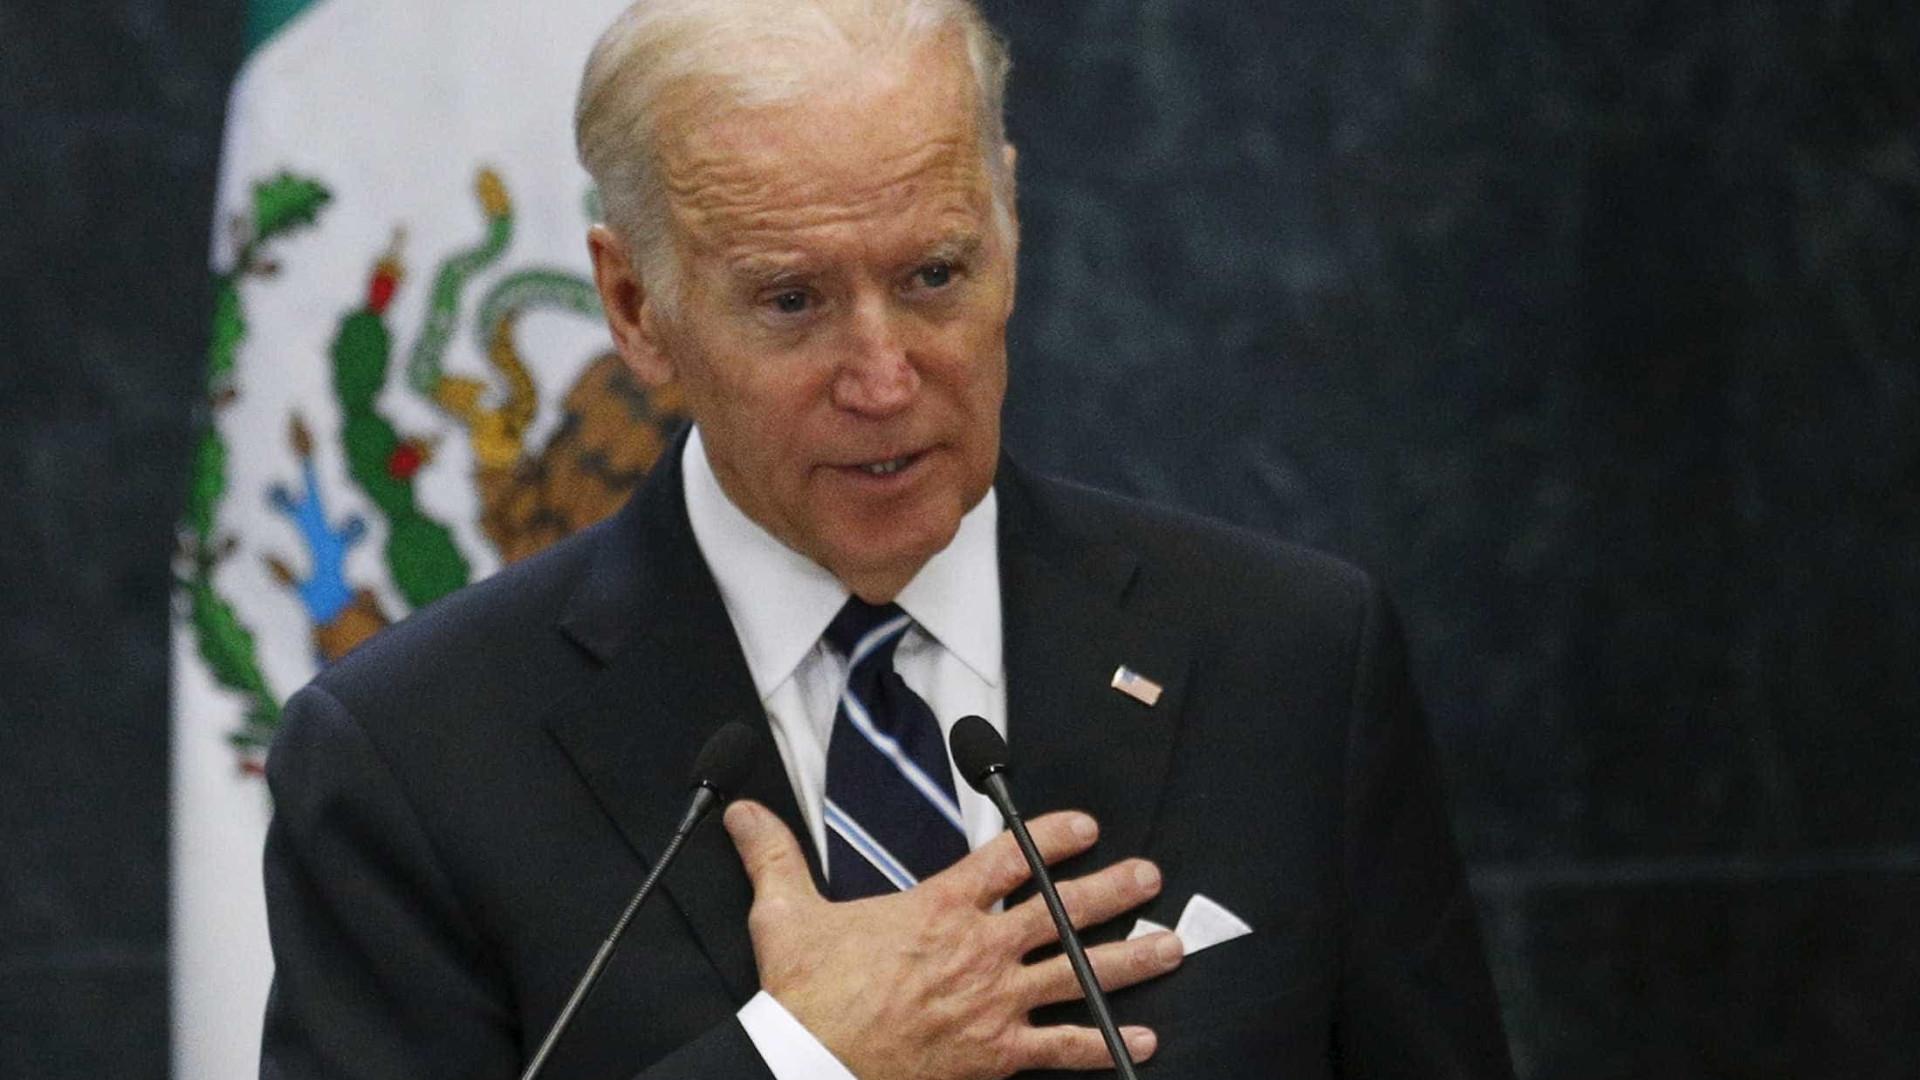 Biden segue narrativa diferente de Trump e visita família de vítima